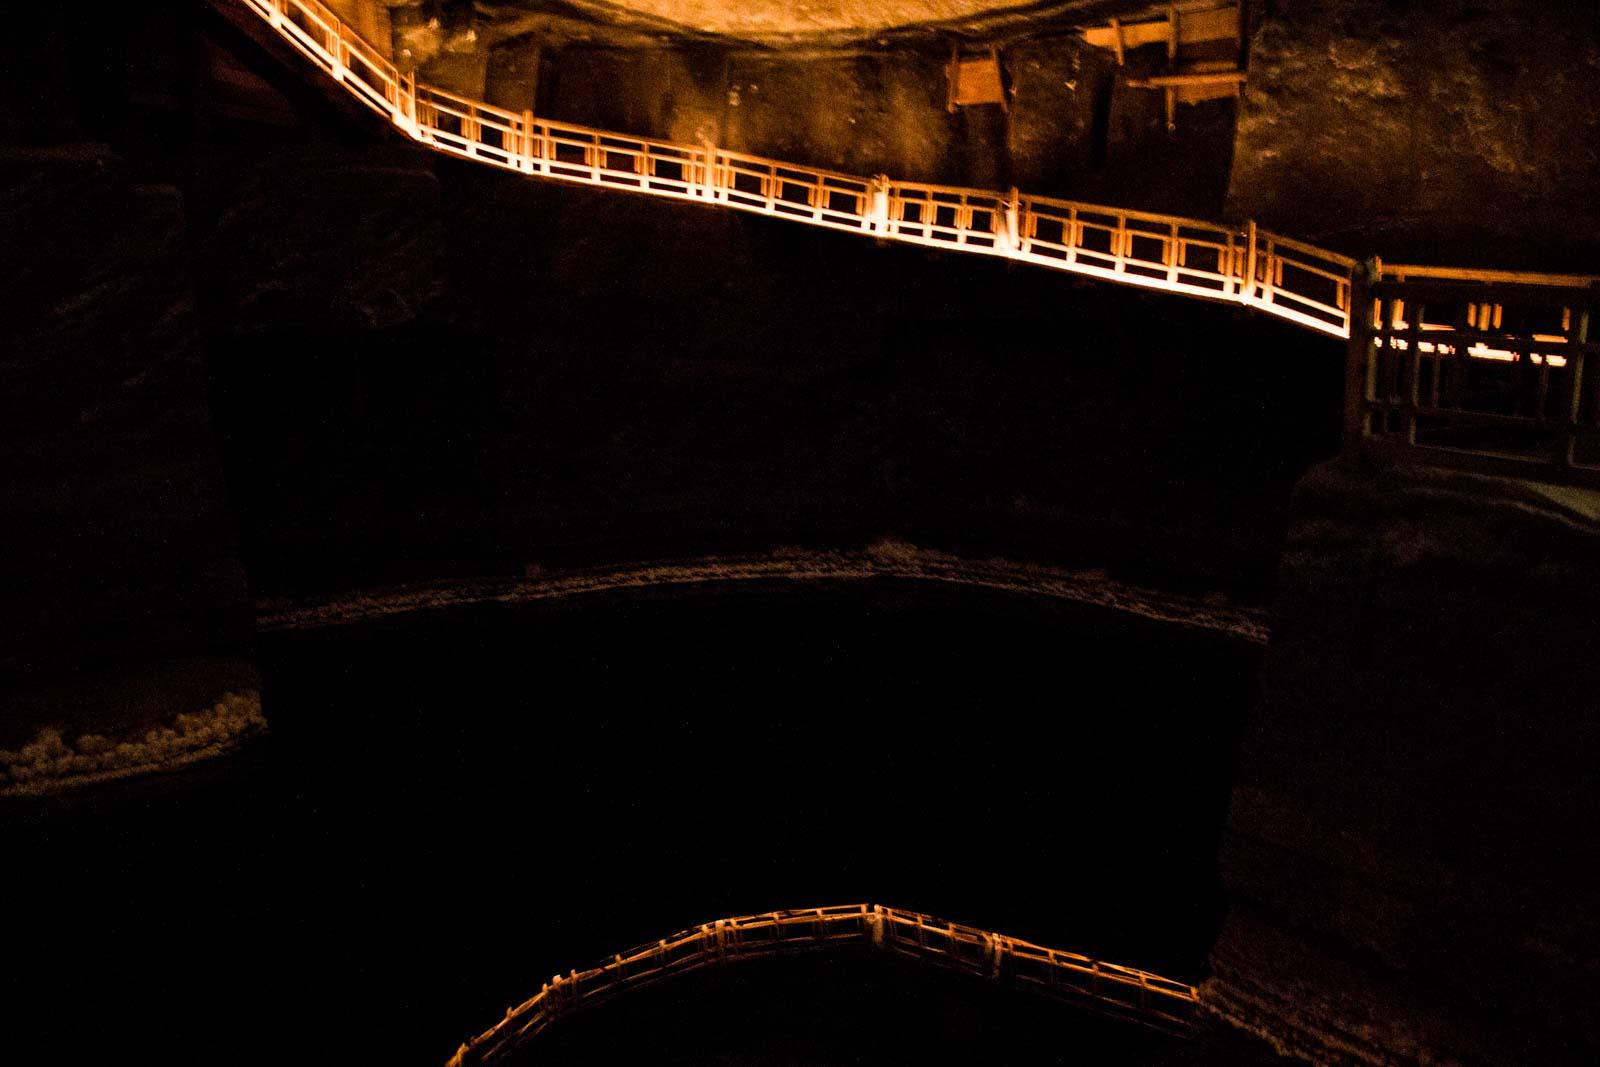 Wieliczka Salt Mine, near Krakow, Poland